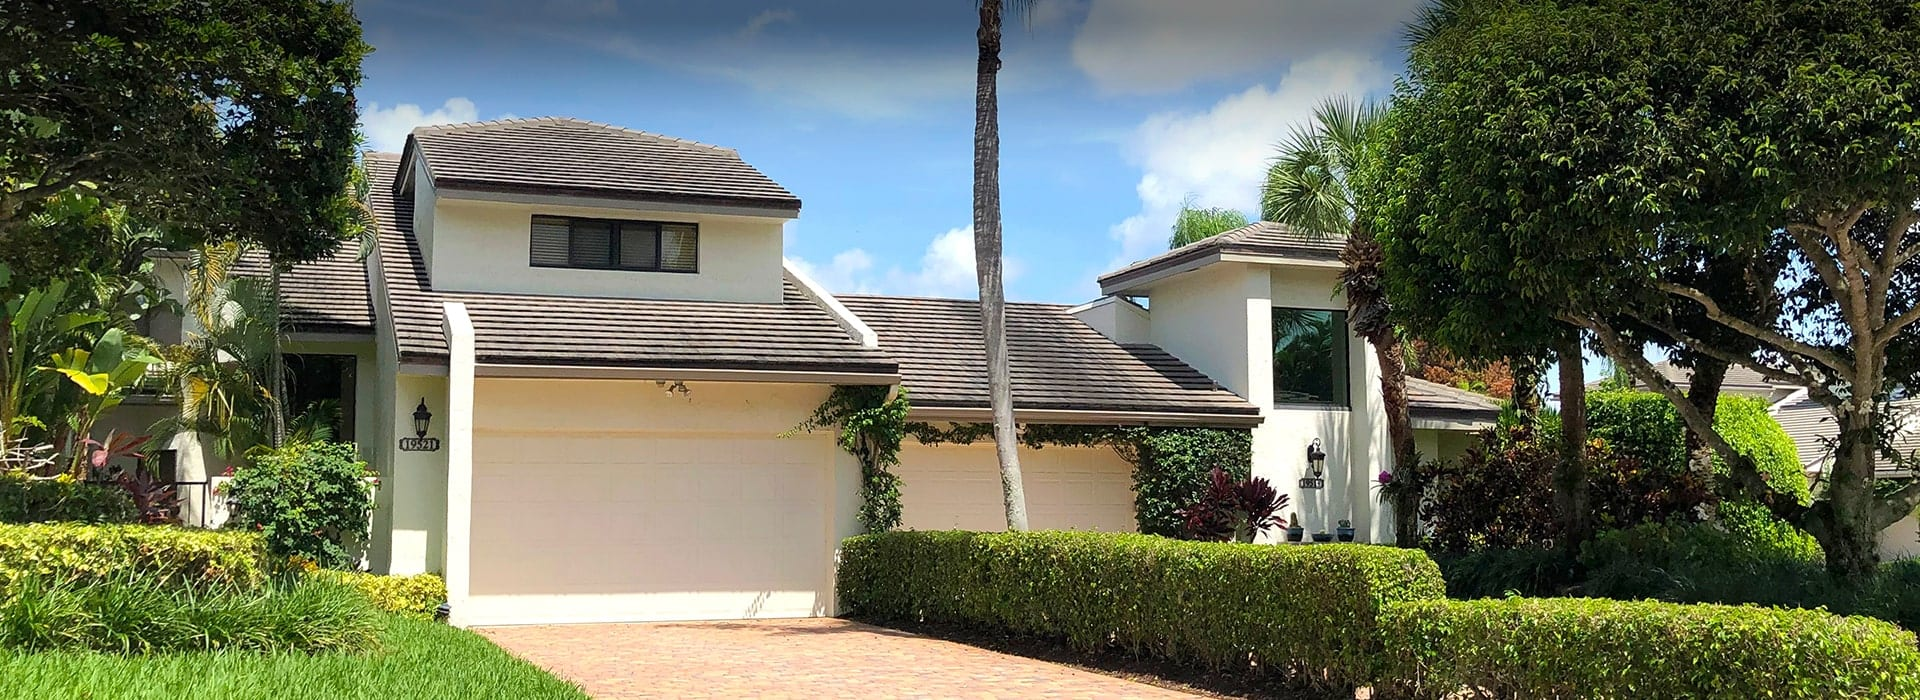 Boca West's Island Court attached villas